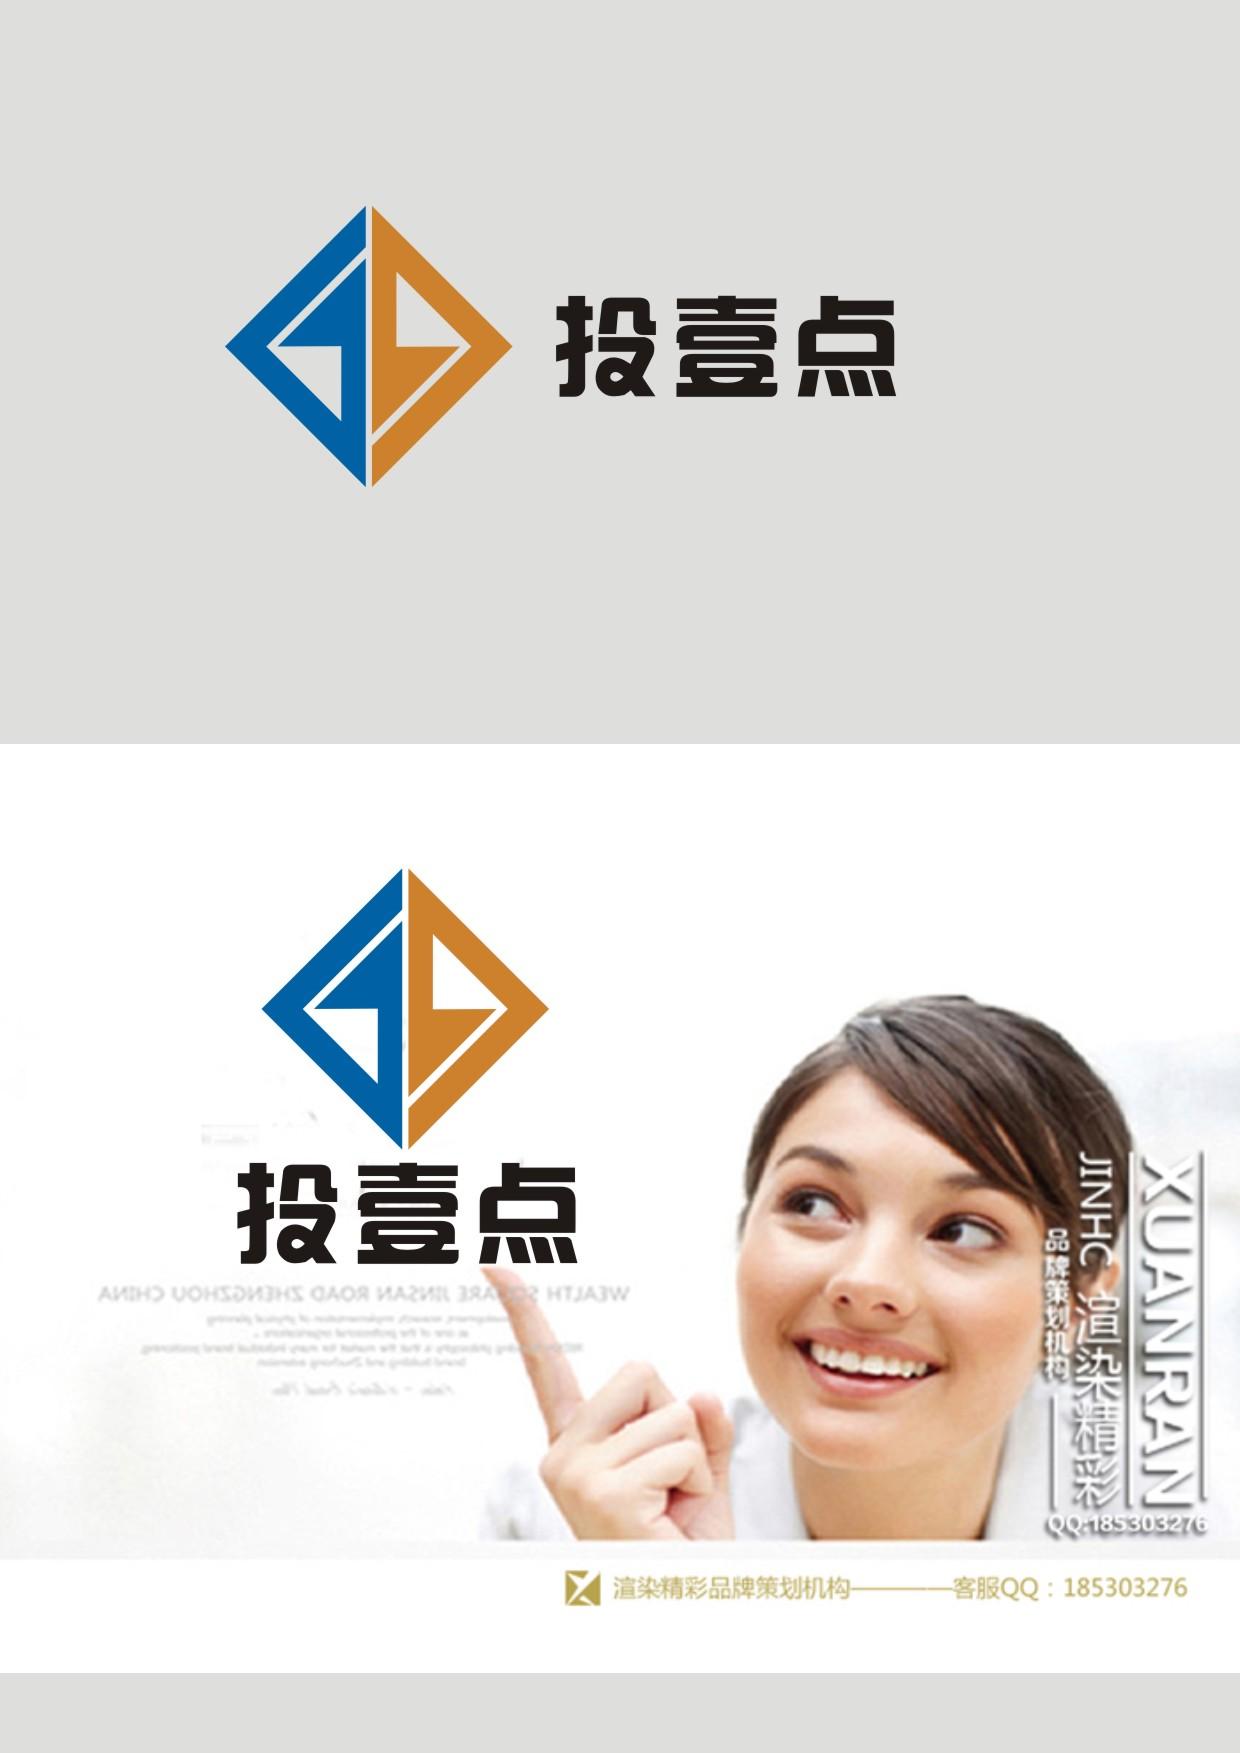 金融类公司logo设计- 稿件[#2853842]